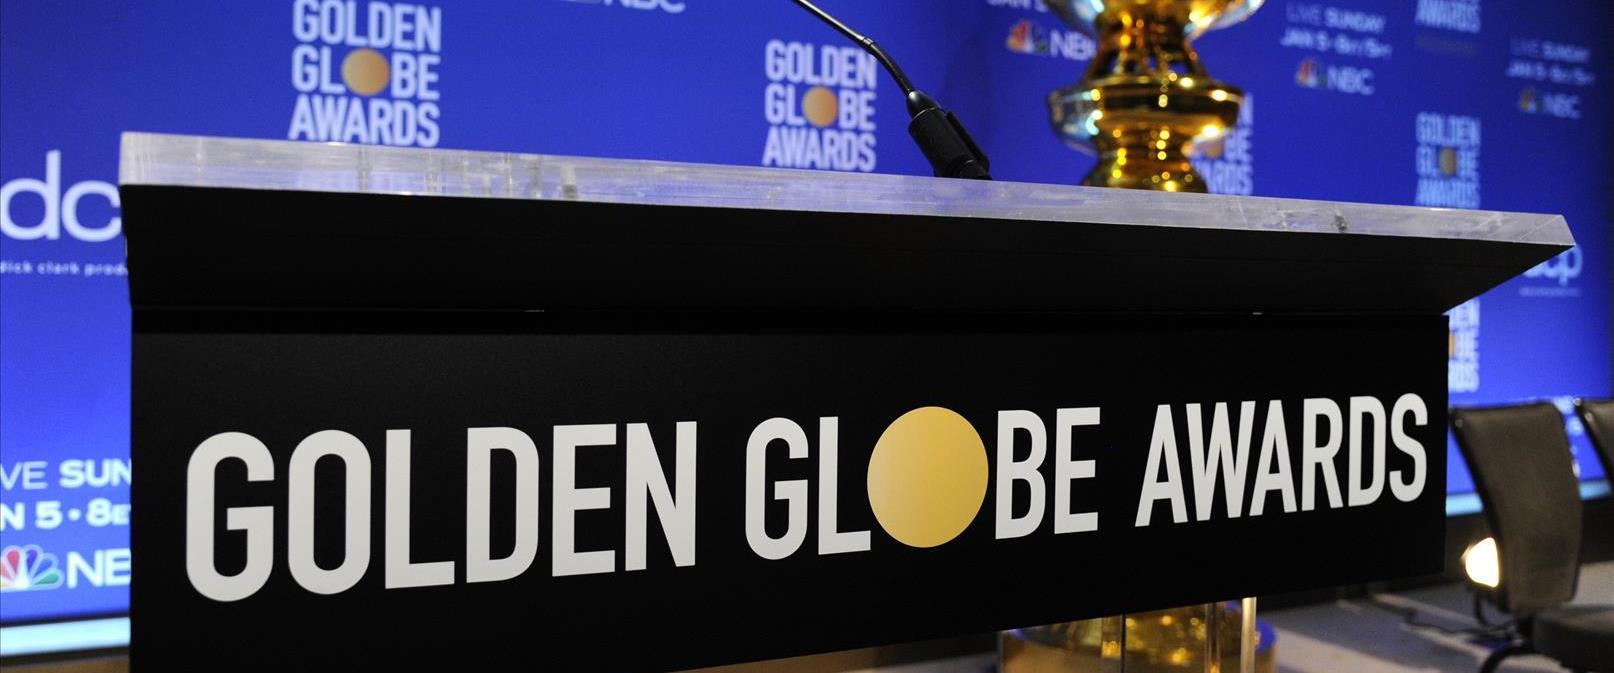 הכרזת המועמדויות לגלובוס הזהב 2020